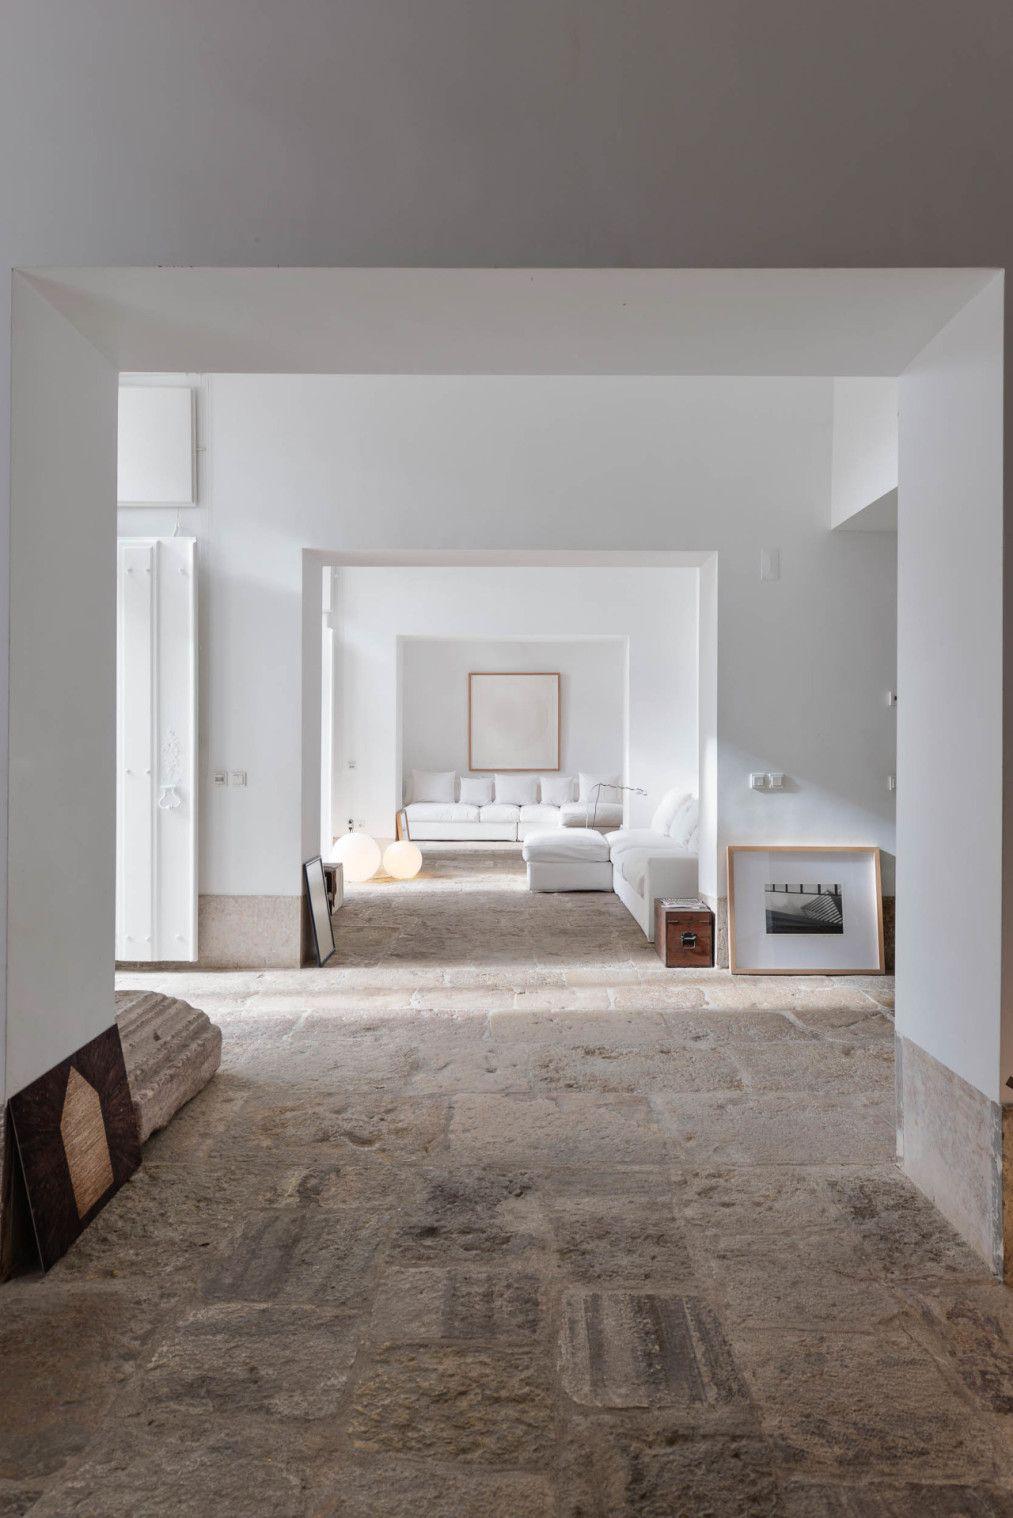 Rue De La Deco inspirations déco : hommage à l'espace   interior design